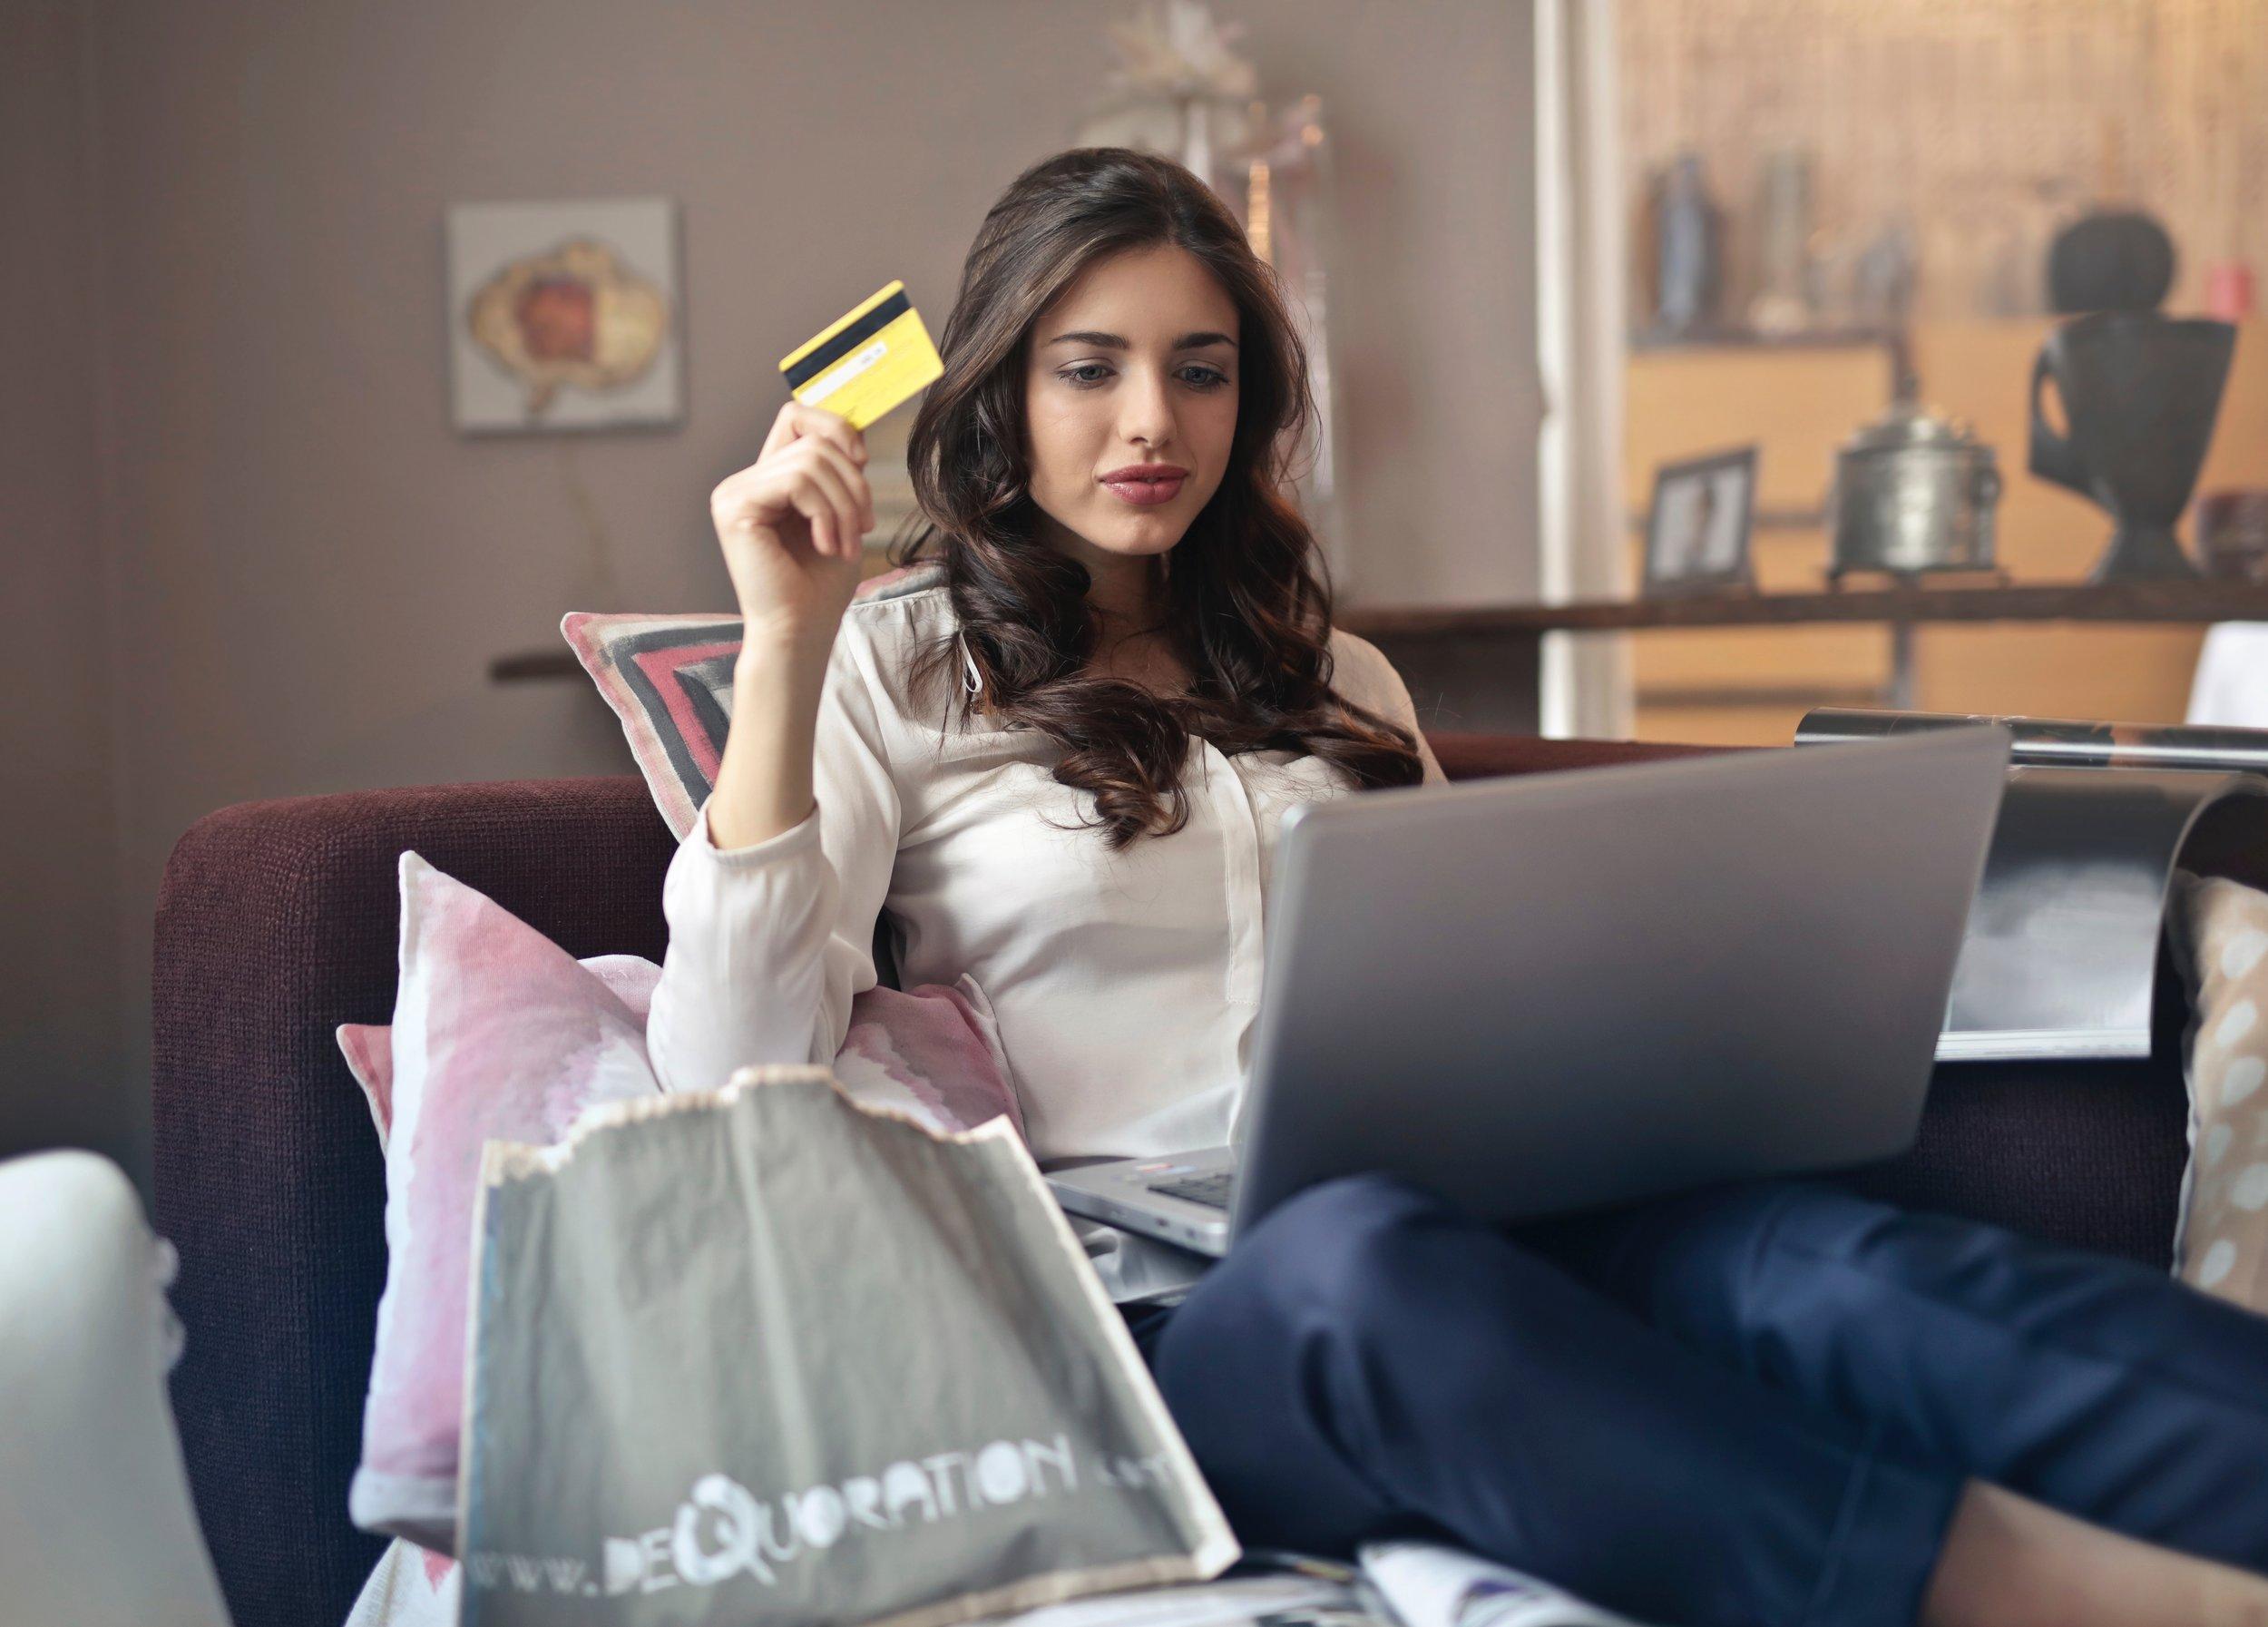 Girl shopping online.jpg